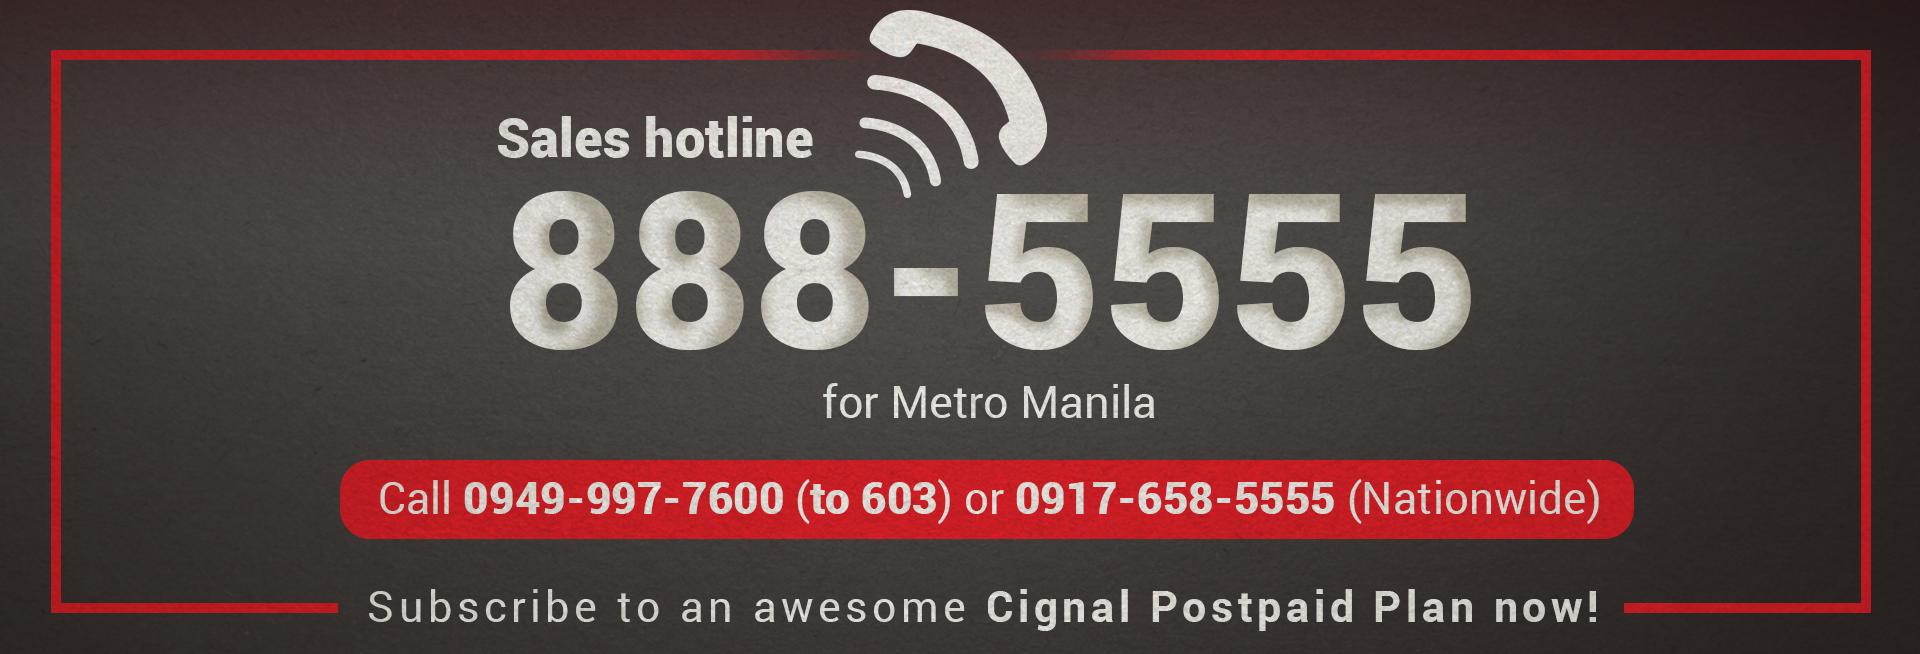 Sales Hotline Banner